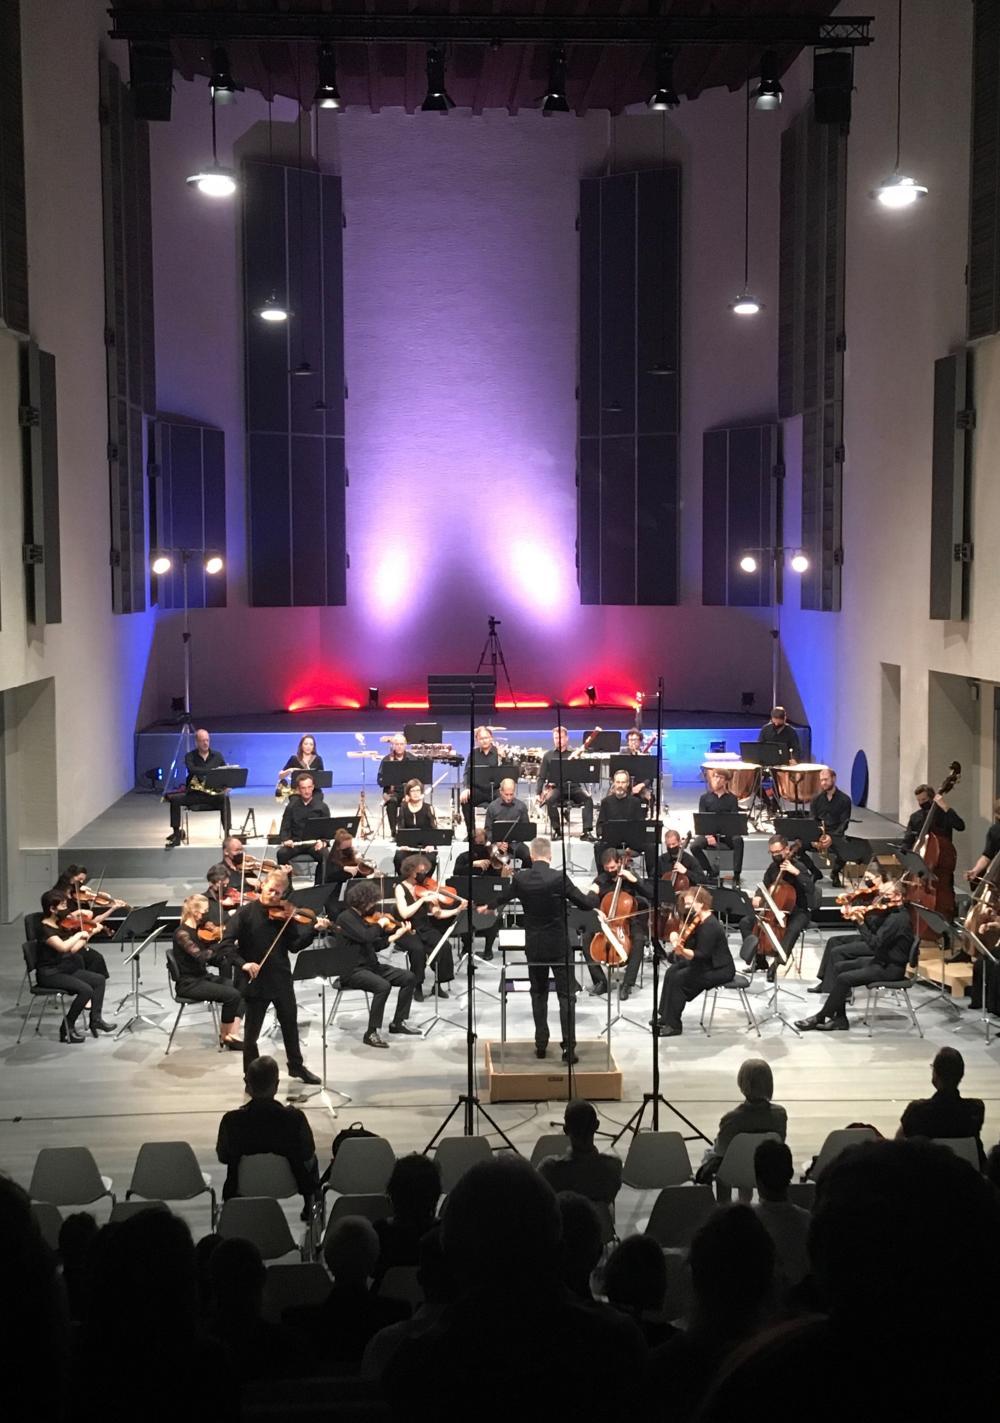 Konzertabend im Musik- und Kulturzentrum Don Bosco Basel